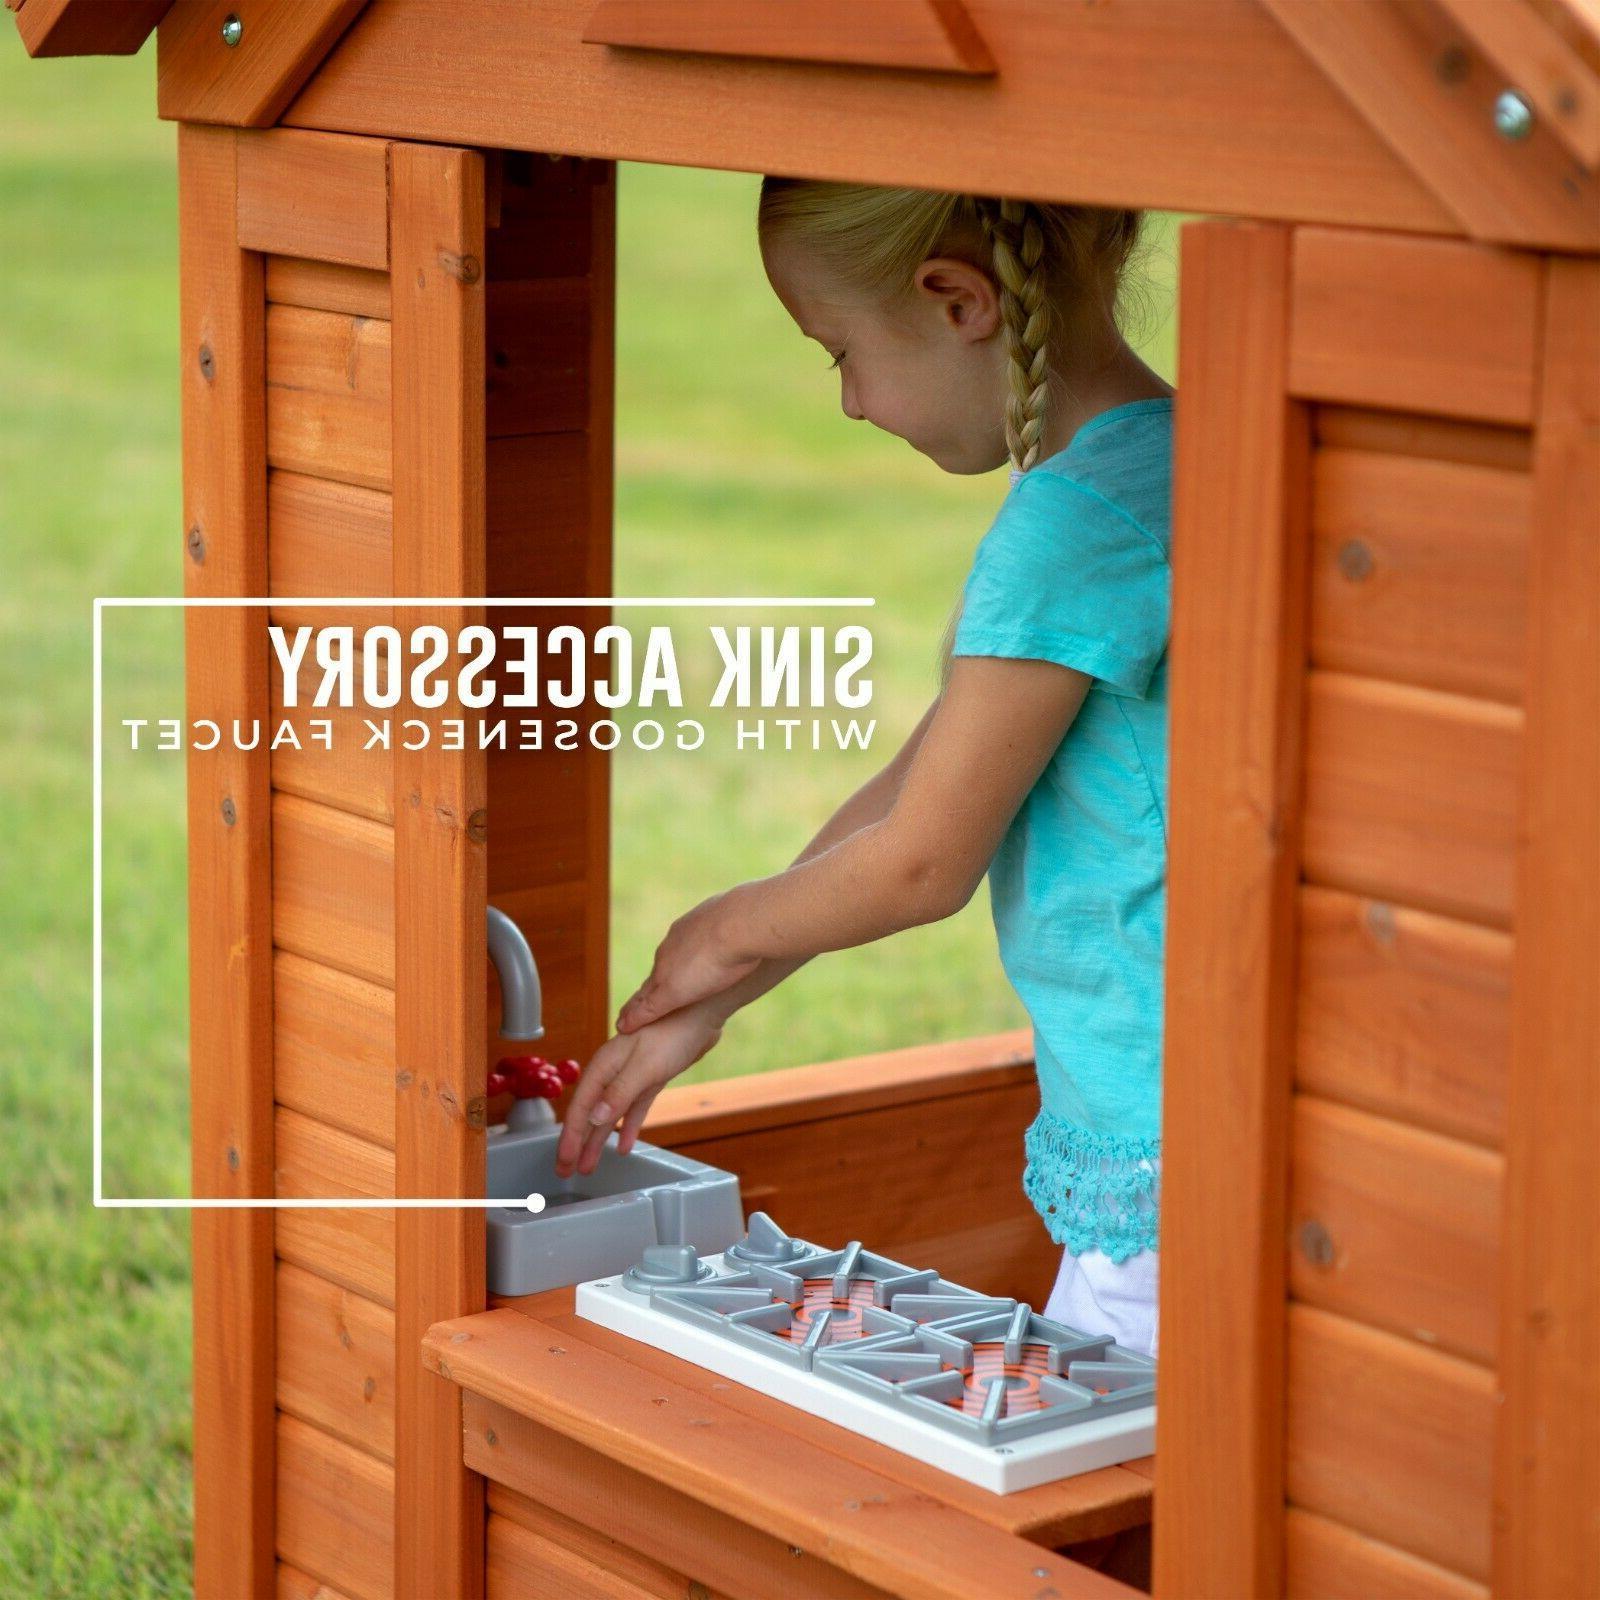 Backyard Outdoor Playhouse Windows Garden Girls Boys Play